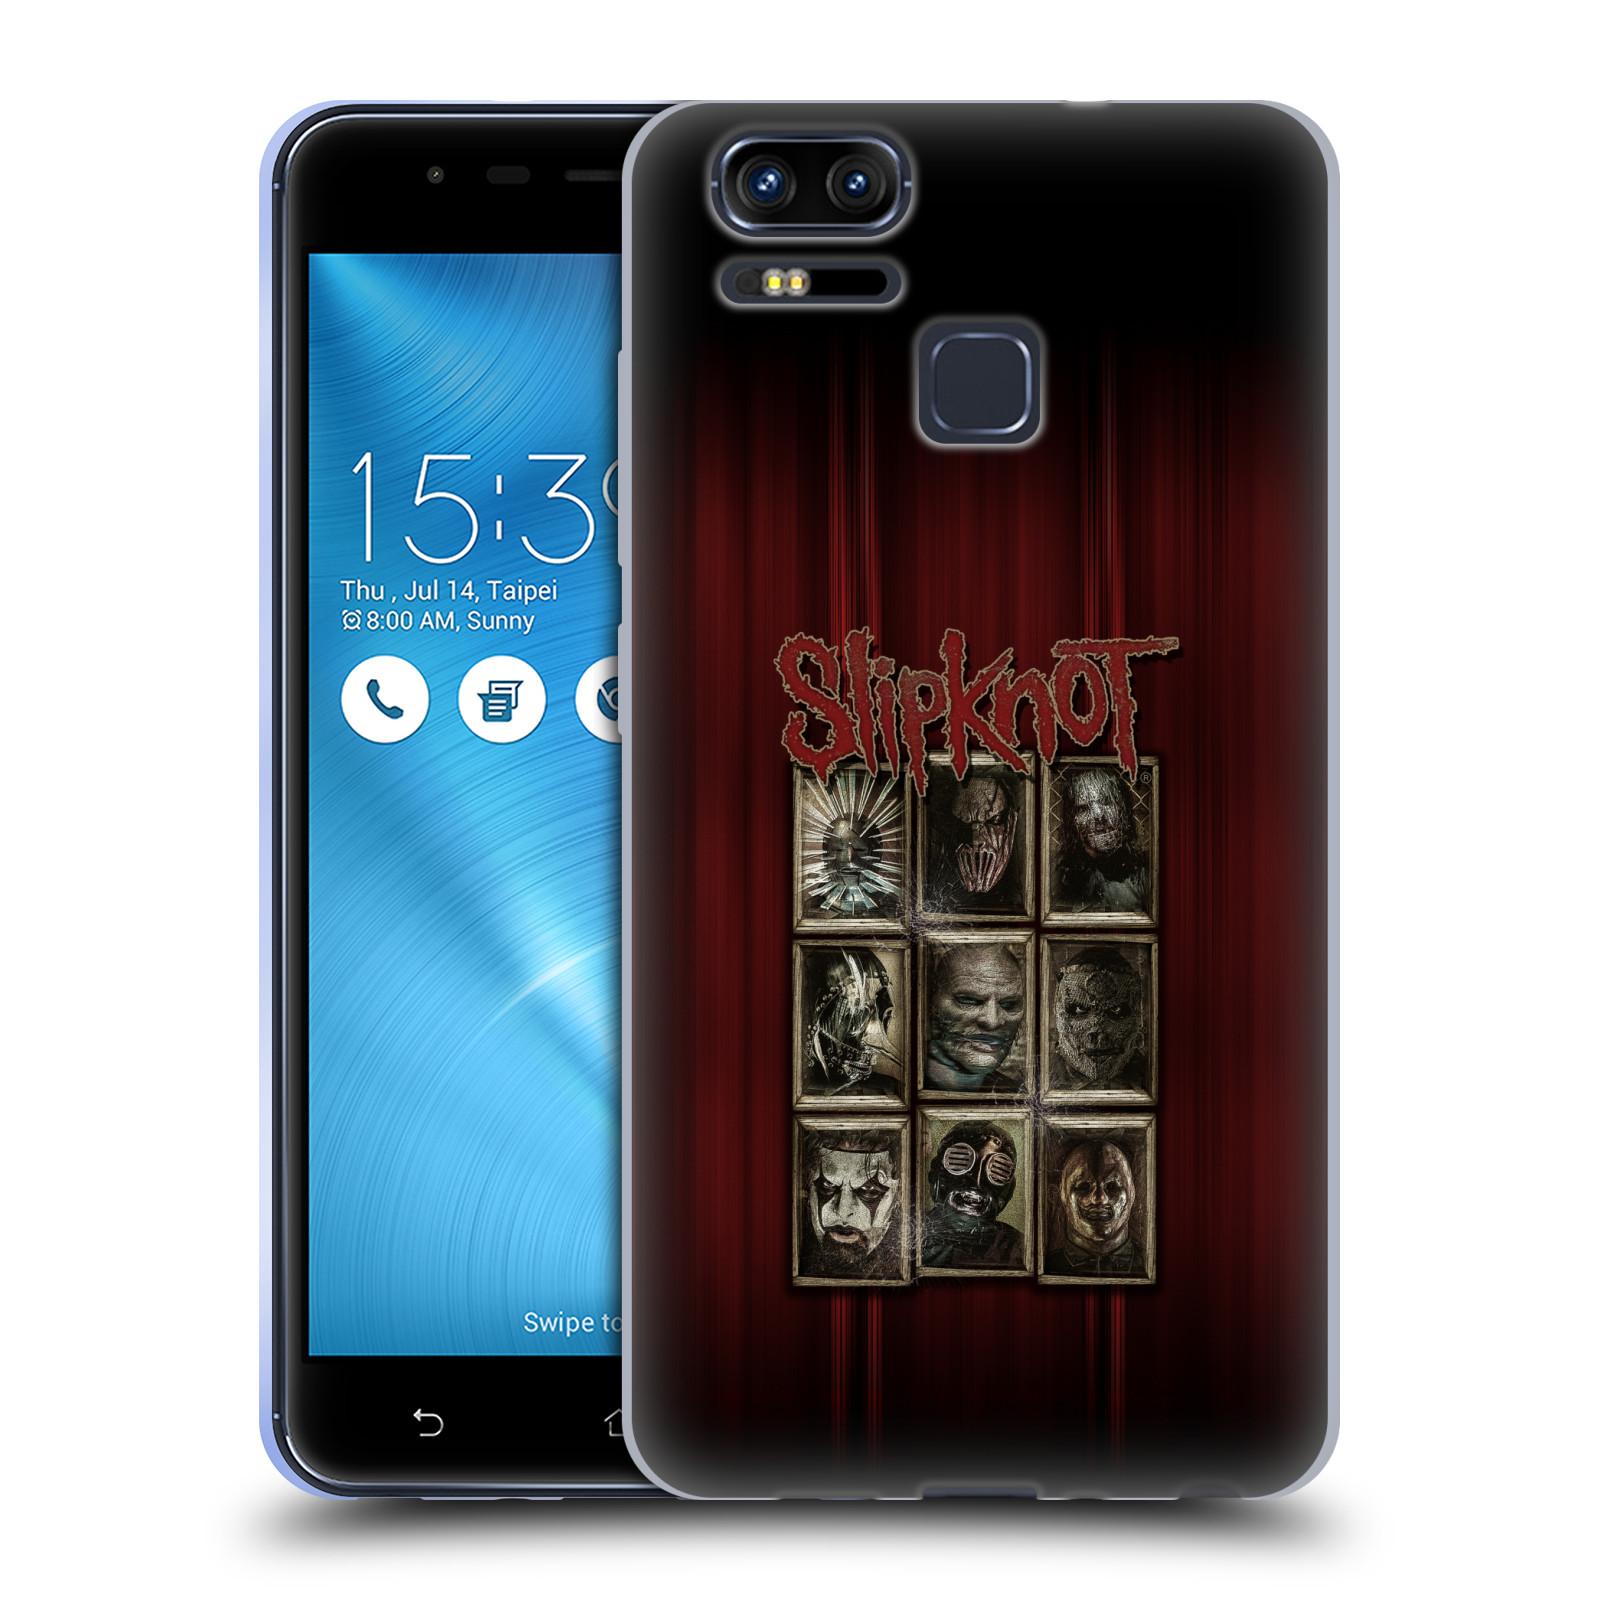 Silikonové pouzdro na mobil Asus ZenFone 3 ZOOM ZE553KL - Head Case - Slipknot - Masky (Silikonový kryt či obal na mobilní telefon Asus ZenFone 3 ZOOM ZE553KL s motivem Slipknot - Masky)